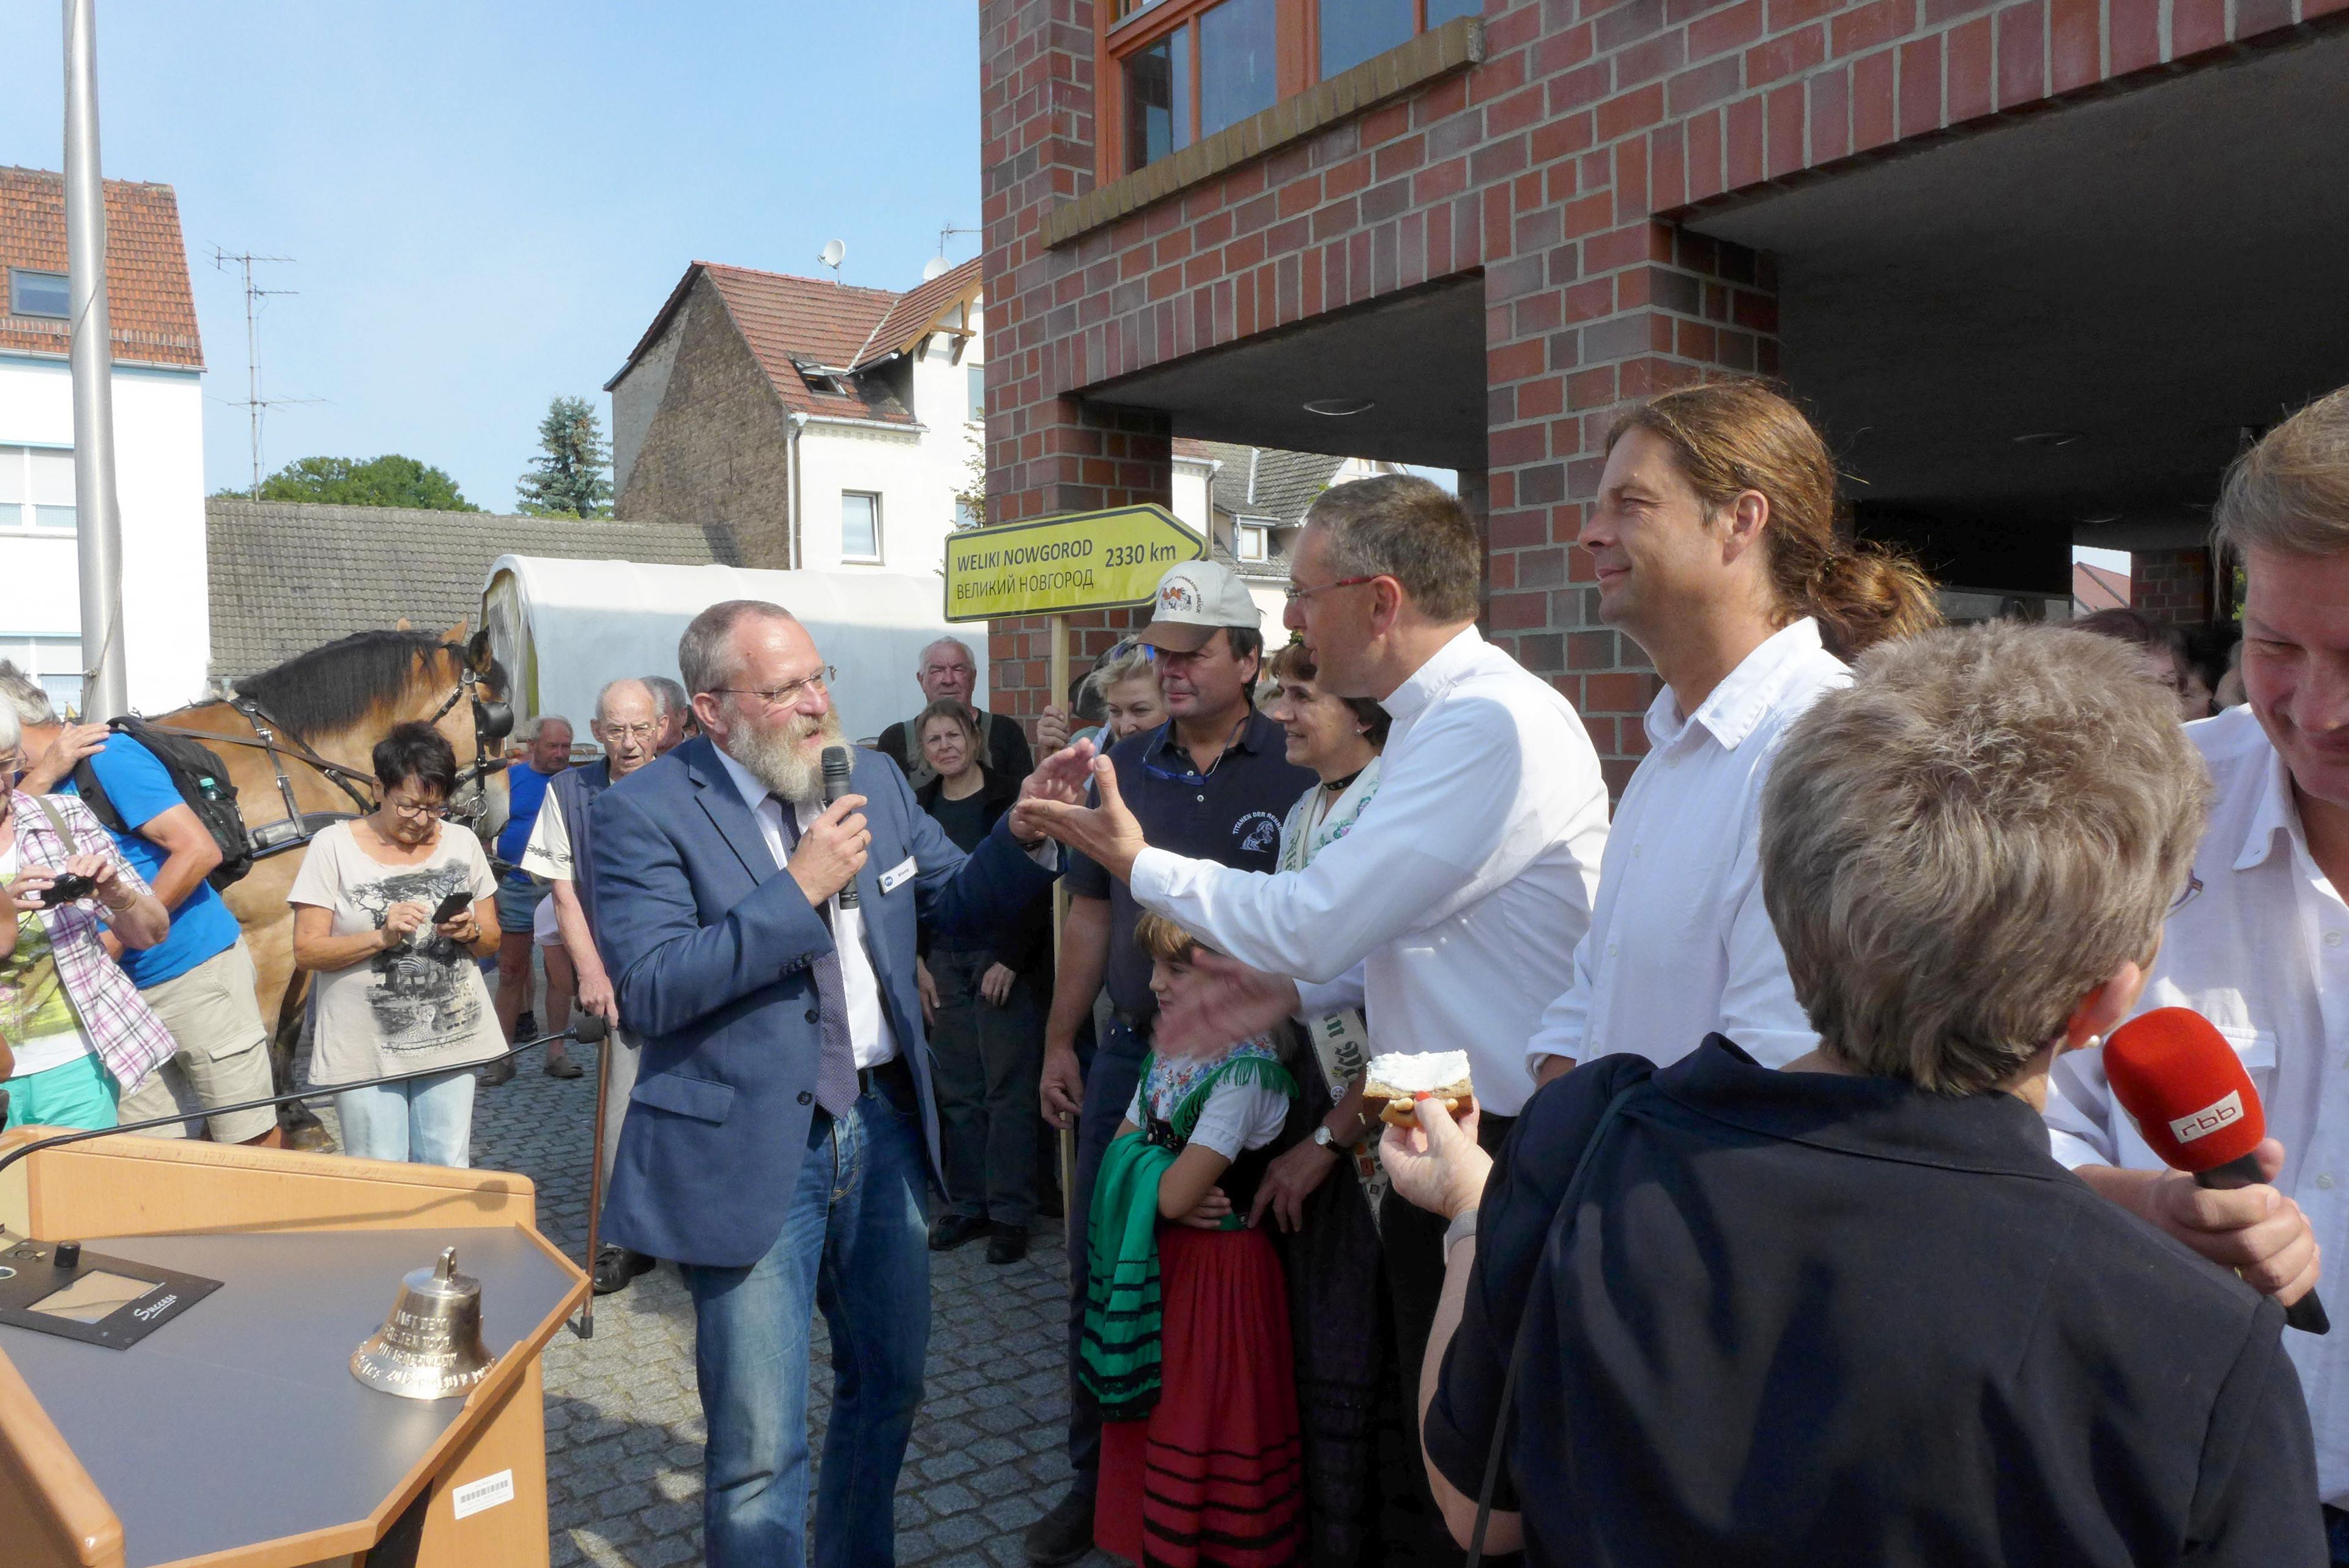 Titanen on tour - Landrat-Blasig-mit-Friedensglocke-wuenscht-eine-Gute-Reise